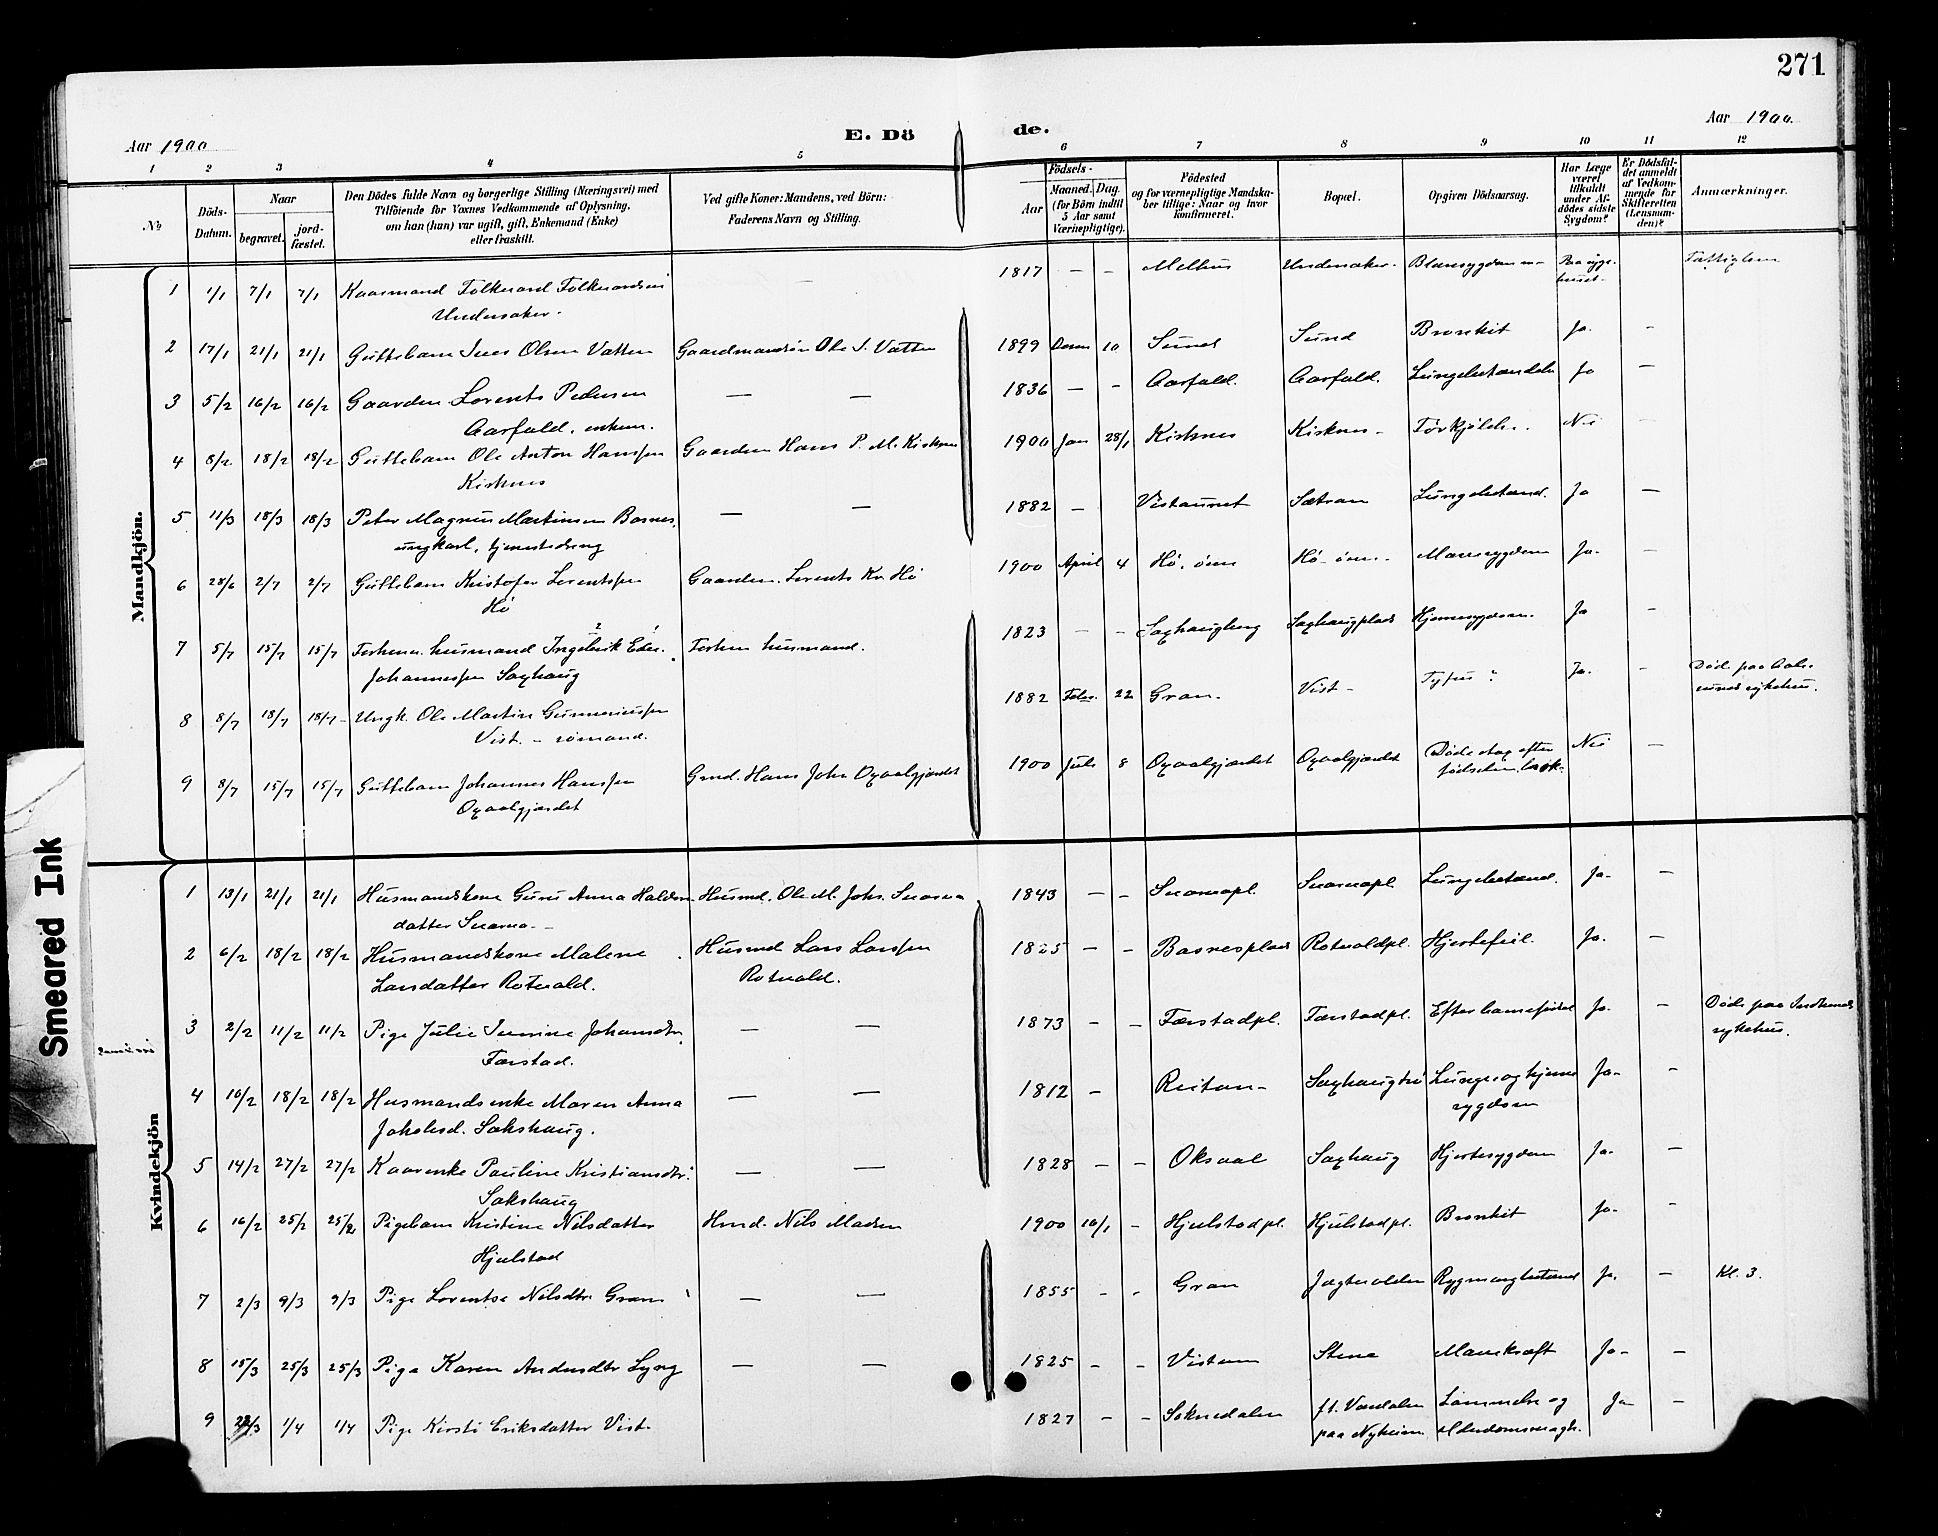 SAT, Ministerialprotokoller, klokkerbøker og fødselsregistre - Nord-Trøndelag, 730/L0302: Klokkerbok nr. 730C05, 1898-1924, s. 271